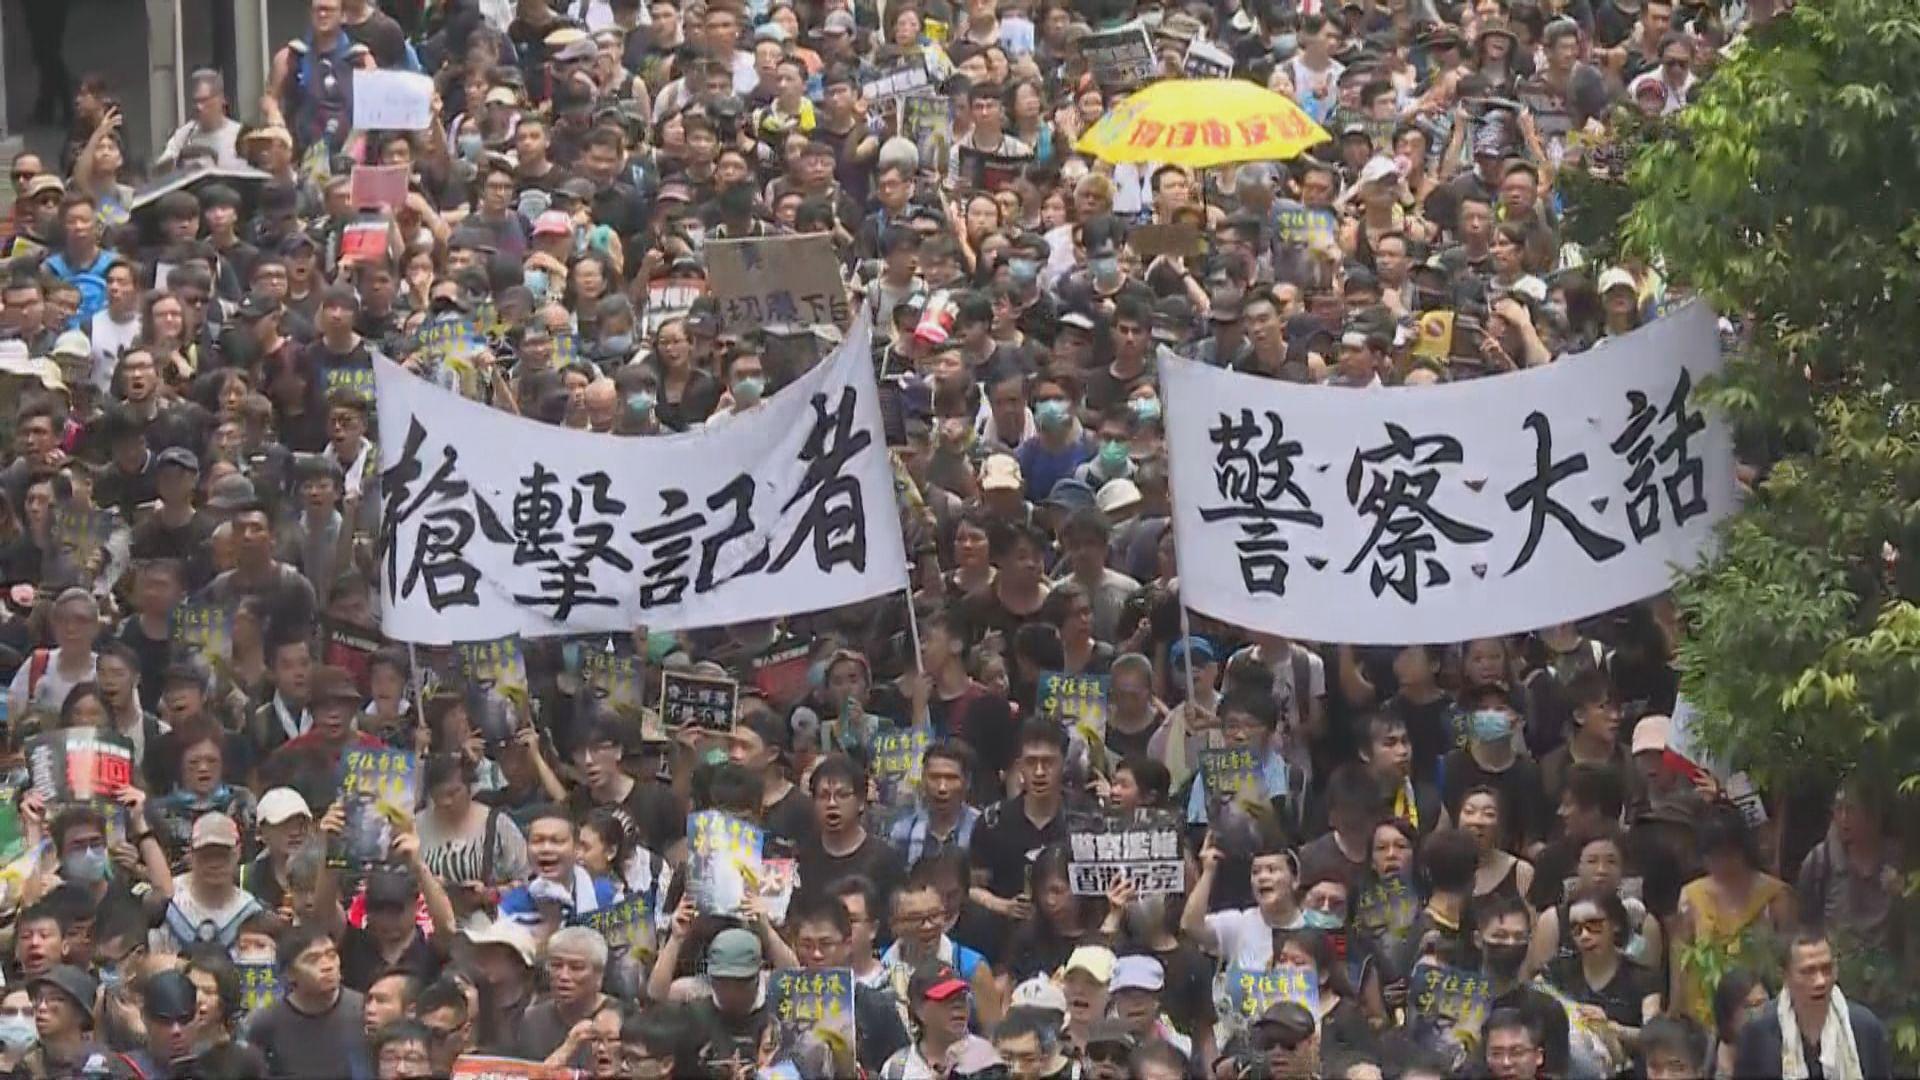 【沙田遊行】遊行人士要求政府撤回修例